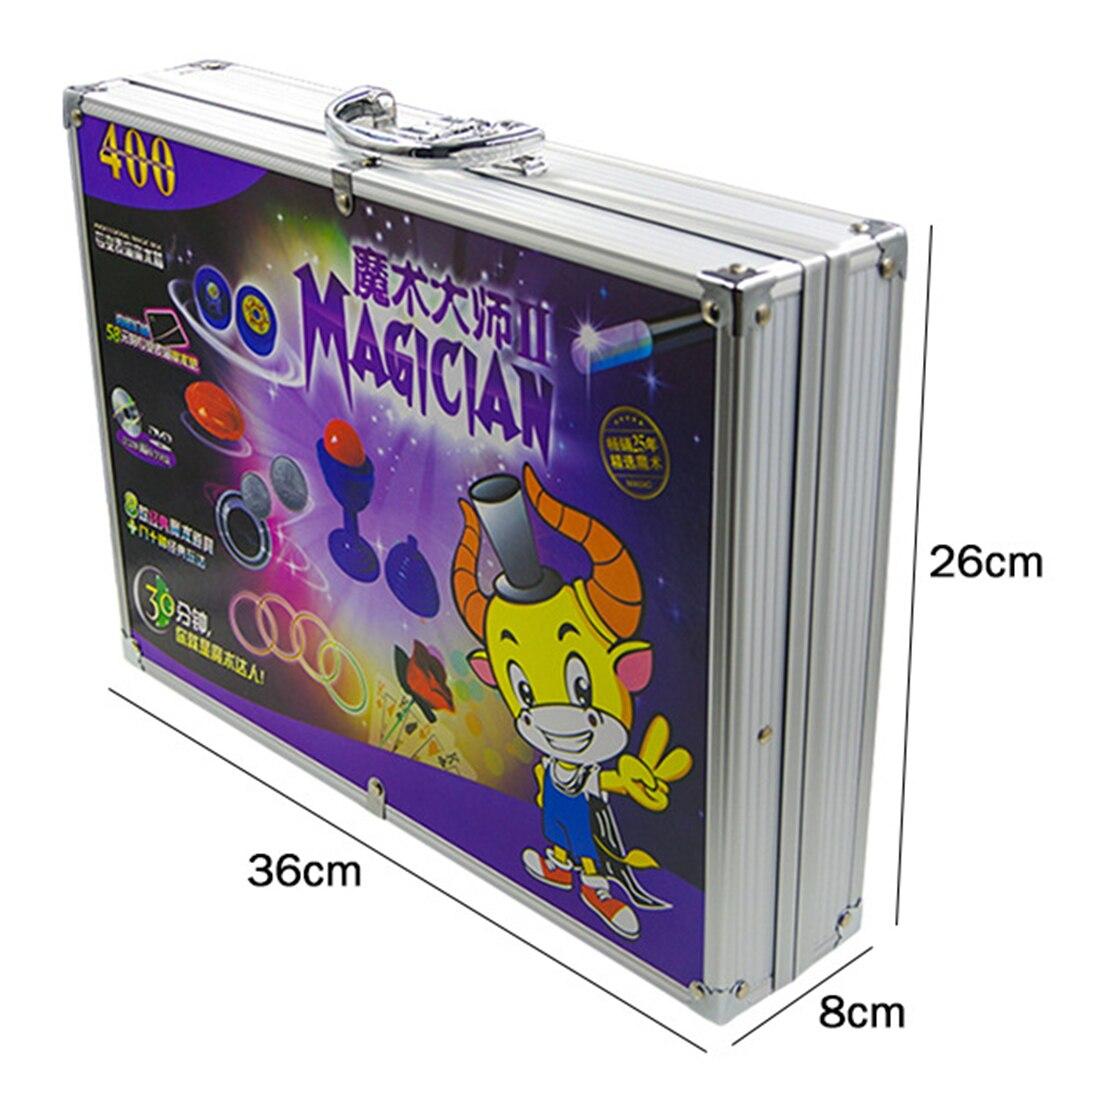 Jouet éducatif chaud de boîte-cadeau magique d'alliage d'aluminium réglé avec divers accessoires boîte-cadeau de jouet magique de gros plan des enfants pour des enfants - 5